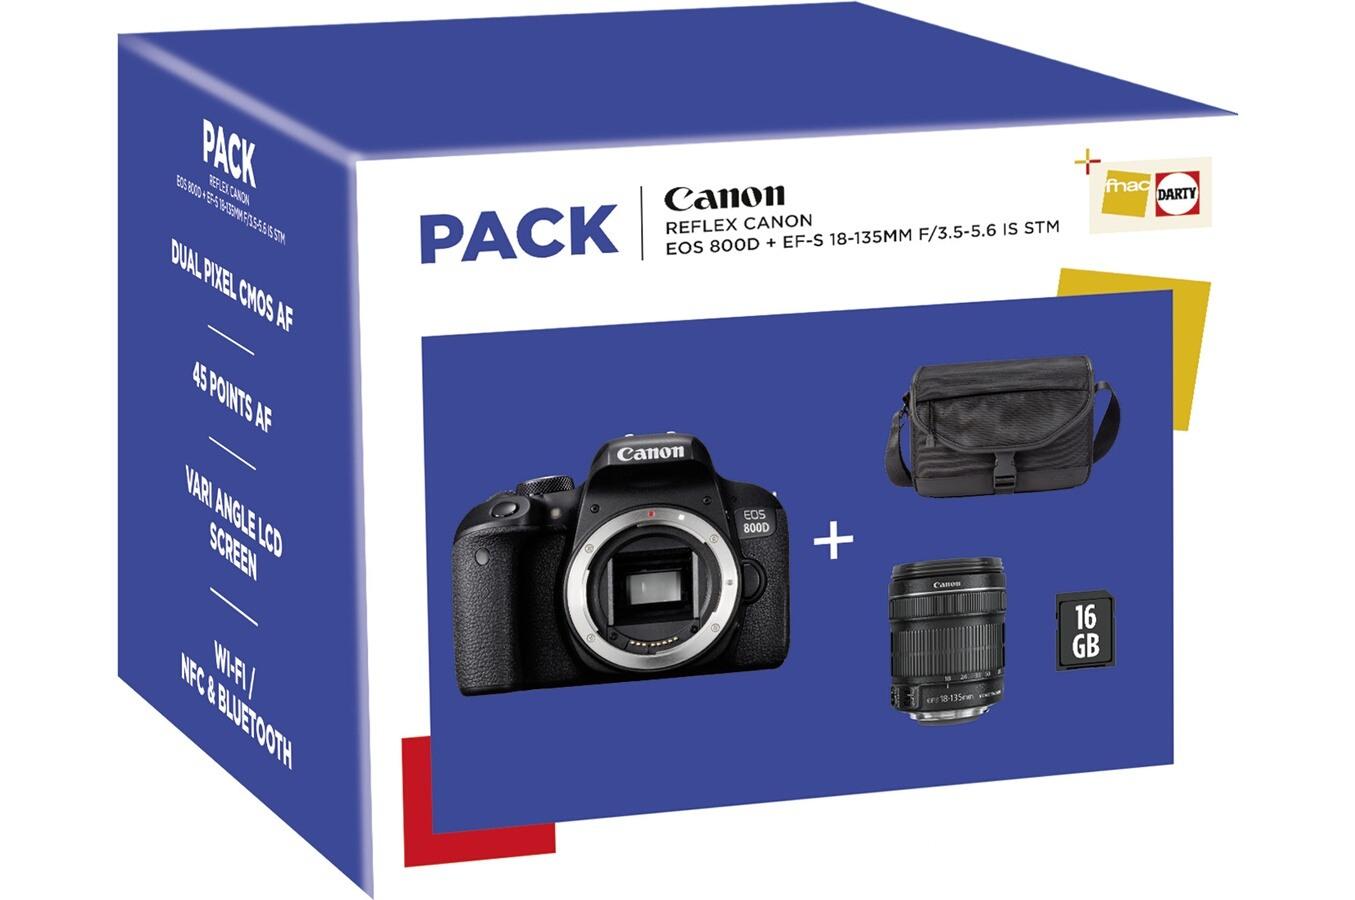 Appareil Photo Numérique Reflex Canon EOS 800D + Objectif EF-S 18-135 mm f/3.5-5.6 IS STM + Fourre-tout + Carte SD 16 Go (Via ODR de 50€)